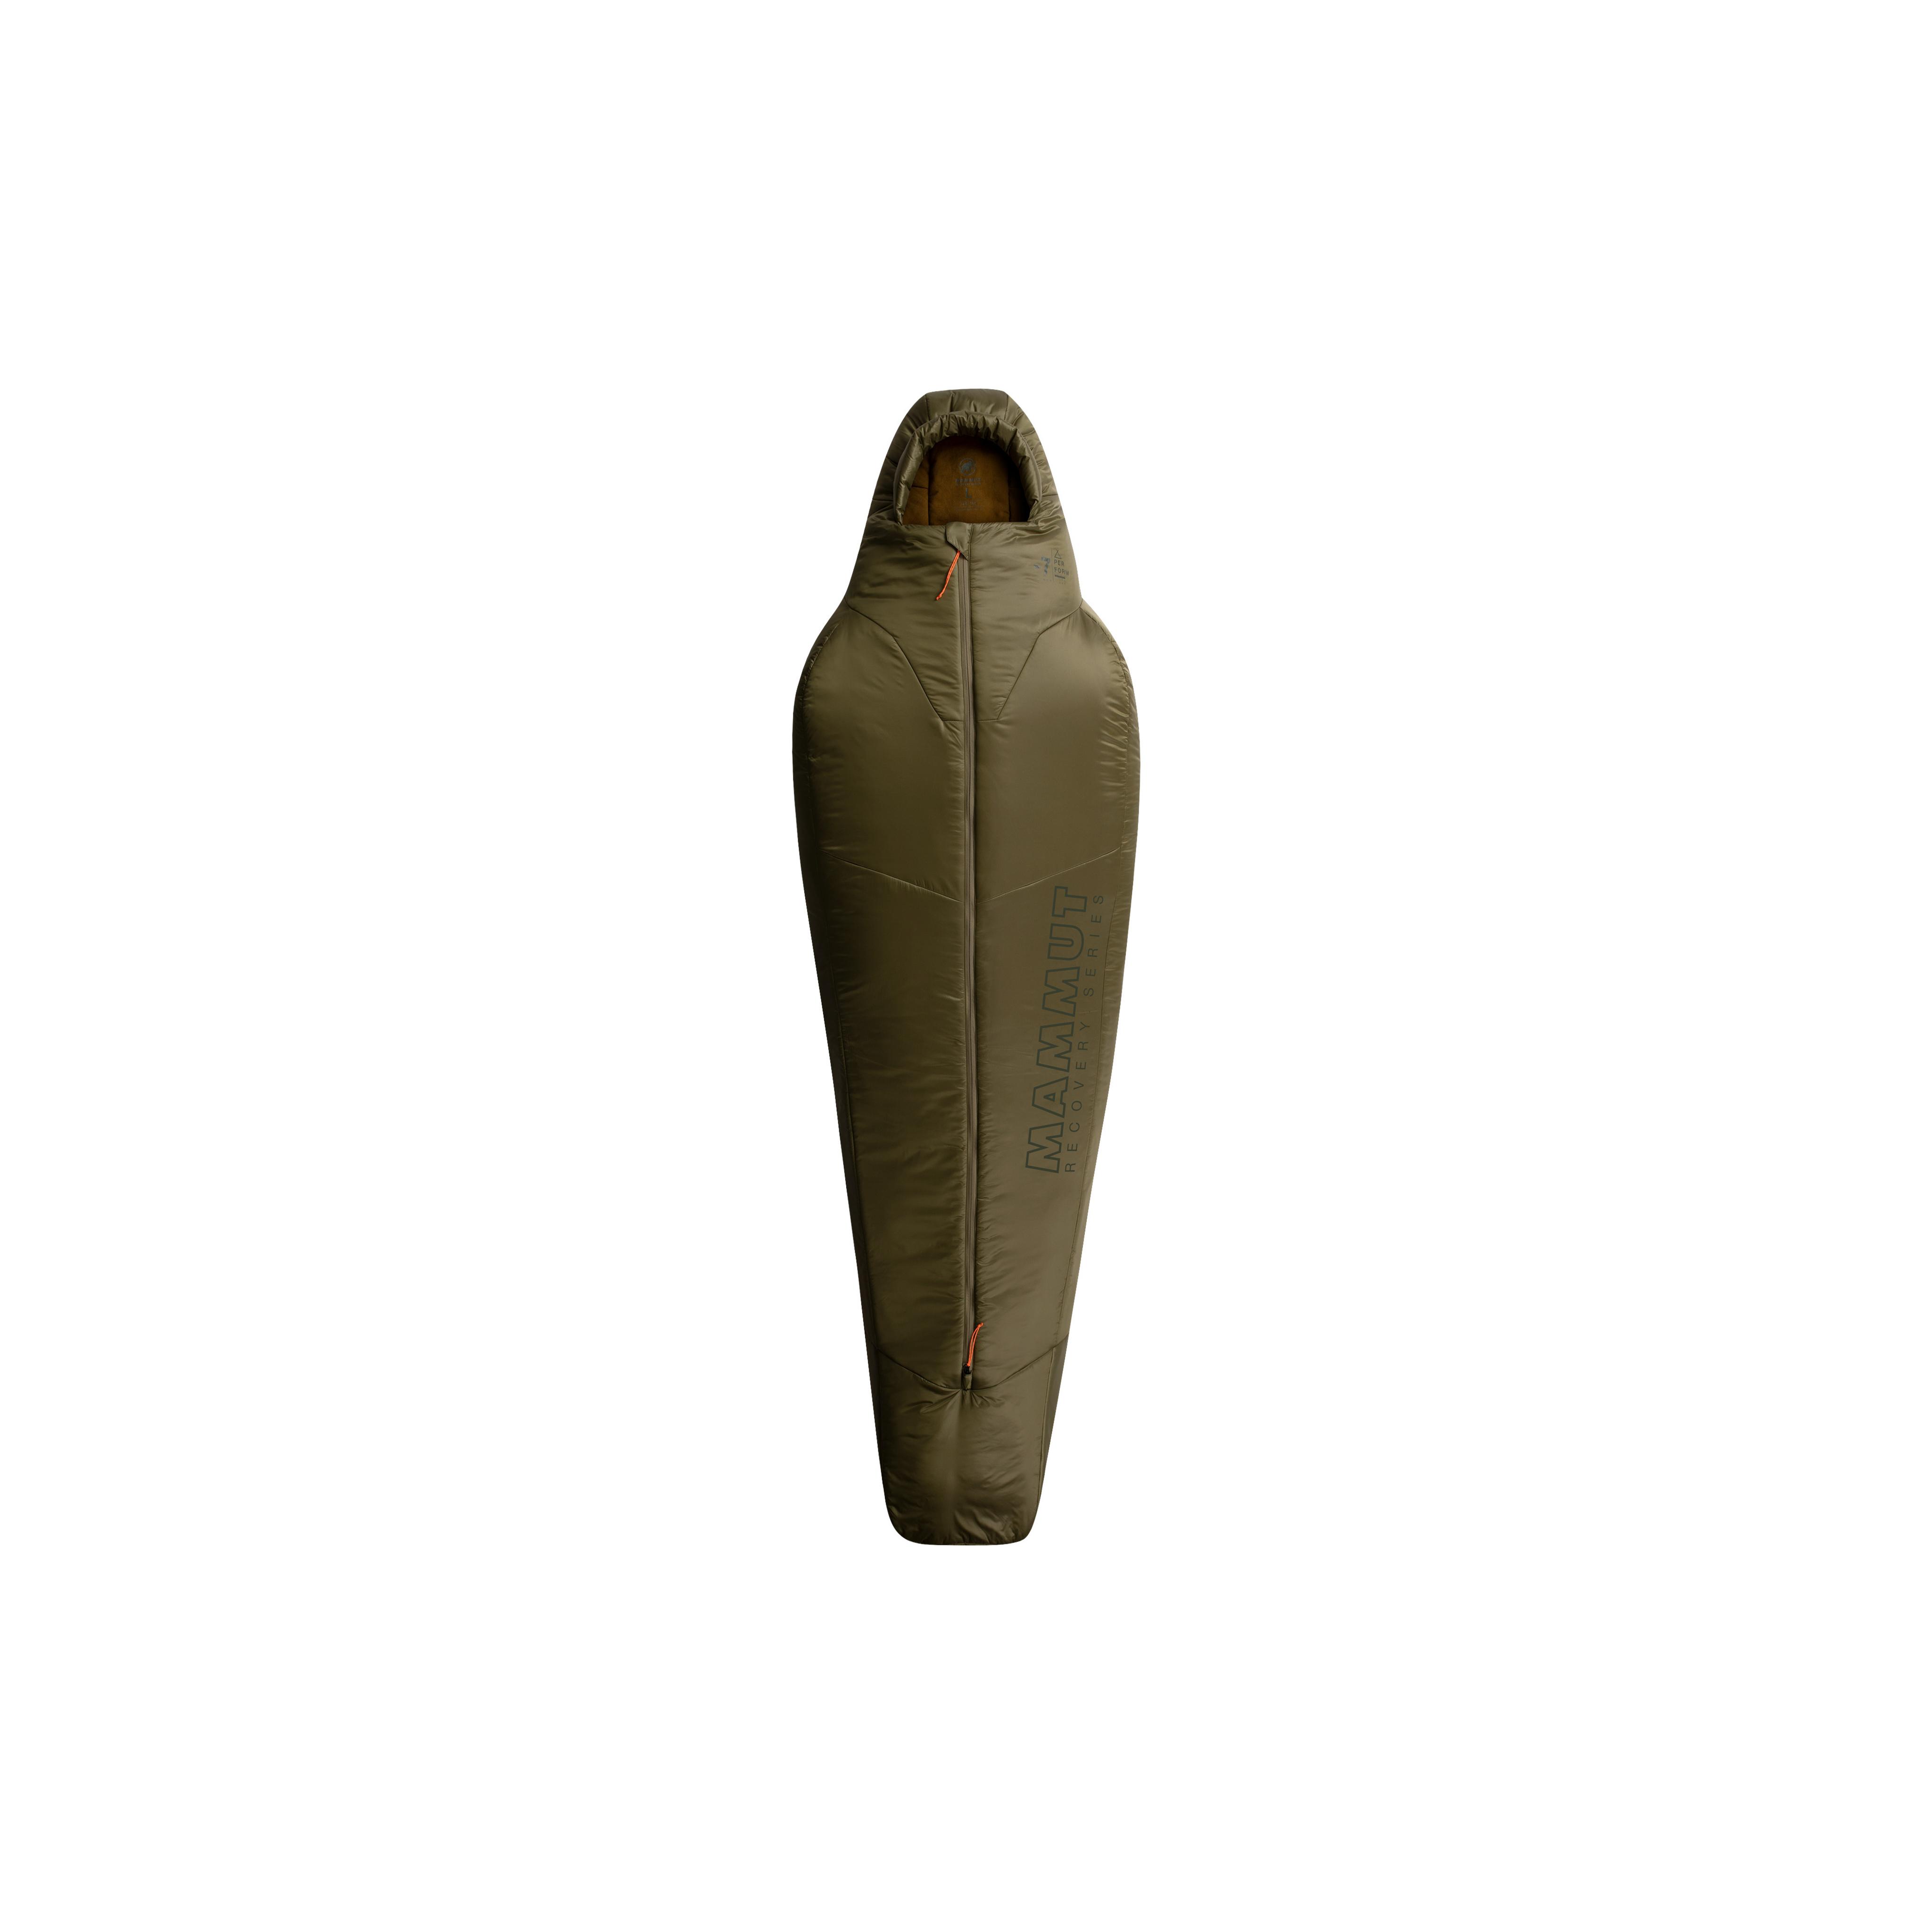 Perform Fiber Bag -7C - L, neutral, olive thumbnail